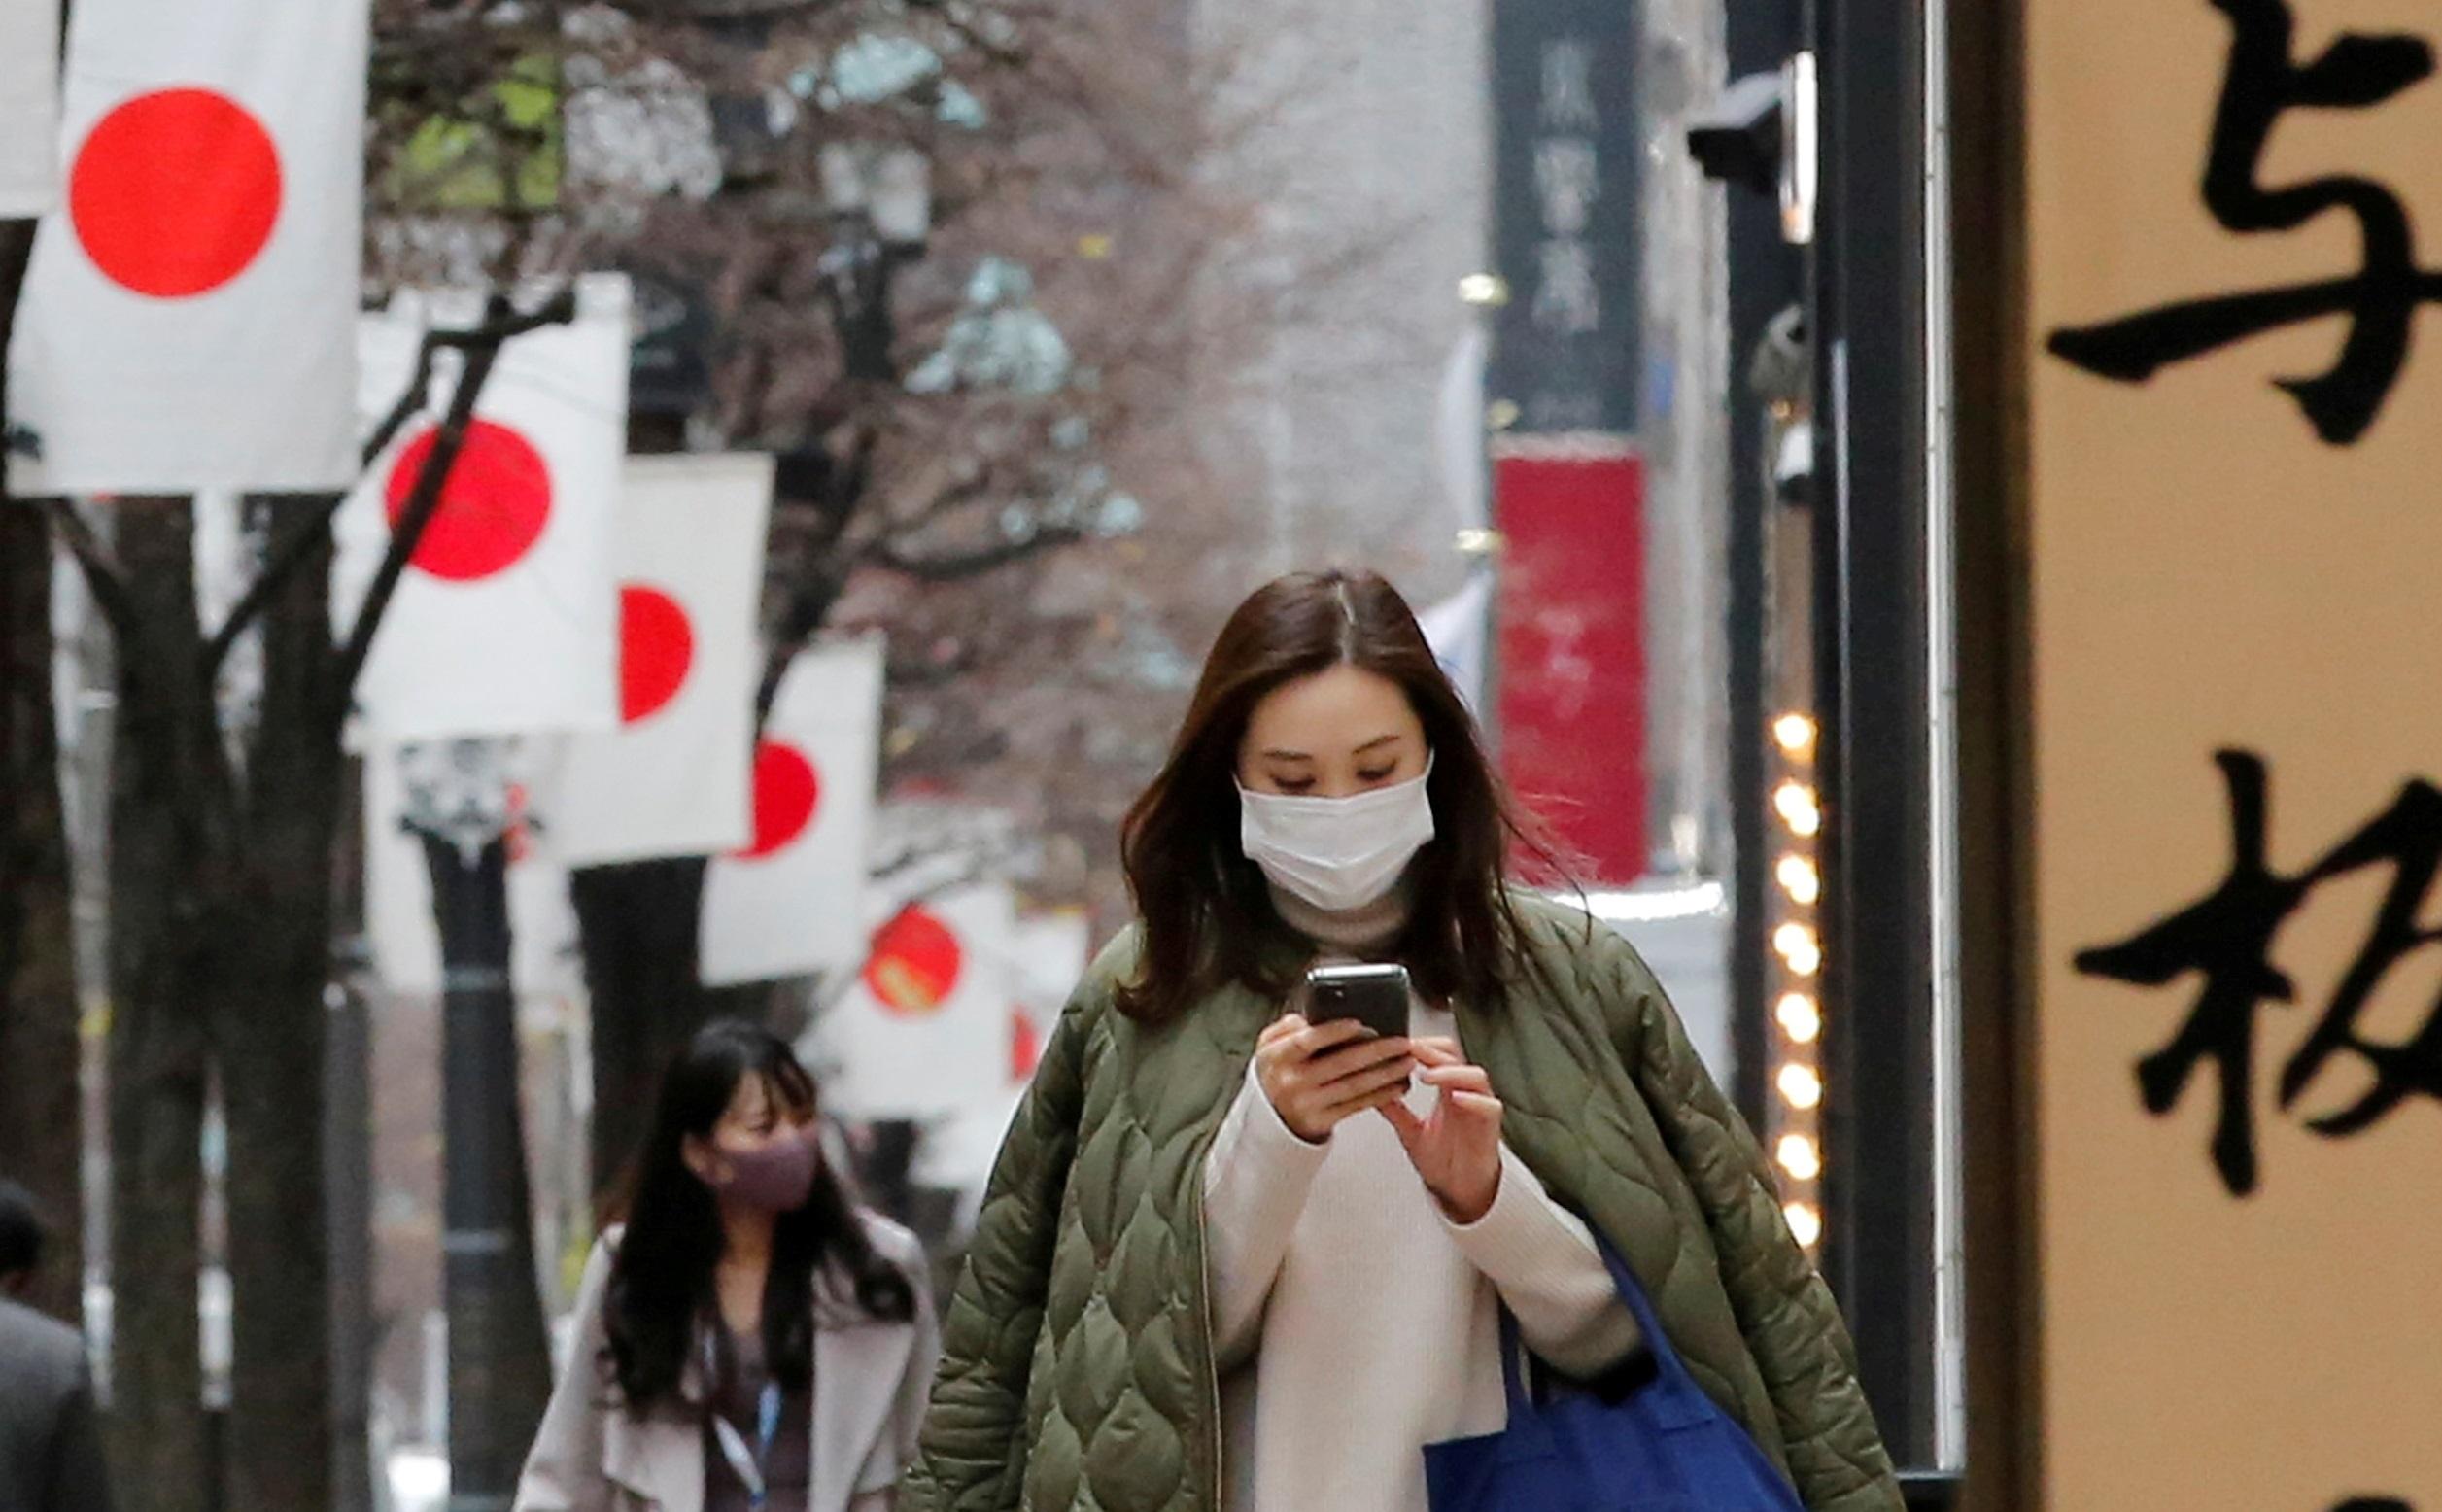 Ιαπωνία: Ρεκόρ μείωσης γεννήσεων το 2020 λόγω κορονοϊού